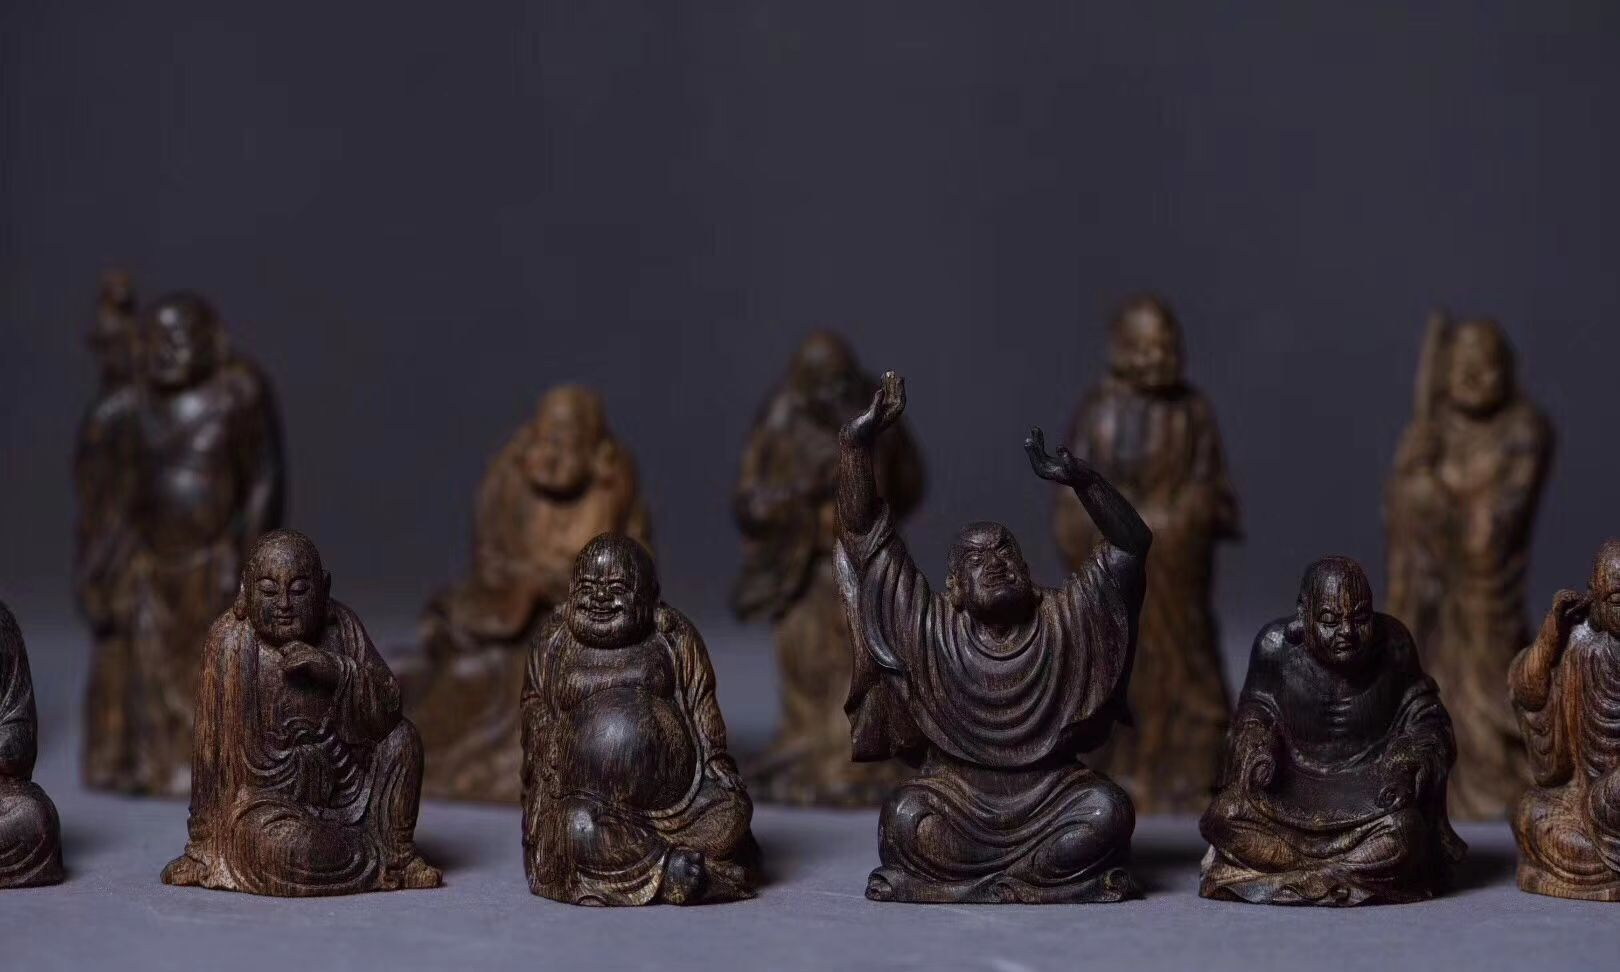 沉香的艺术 | 刀刀入魂,罕见的立体沉香微雕《十八罗汉》